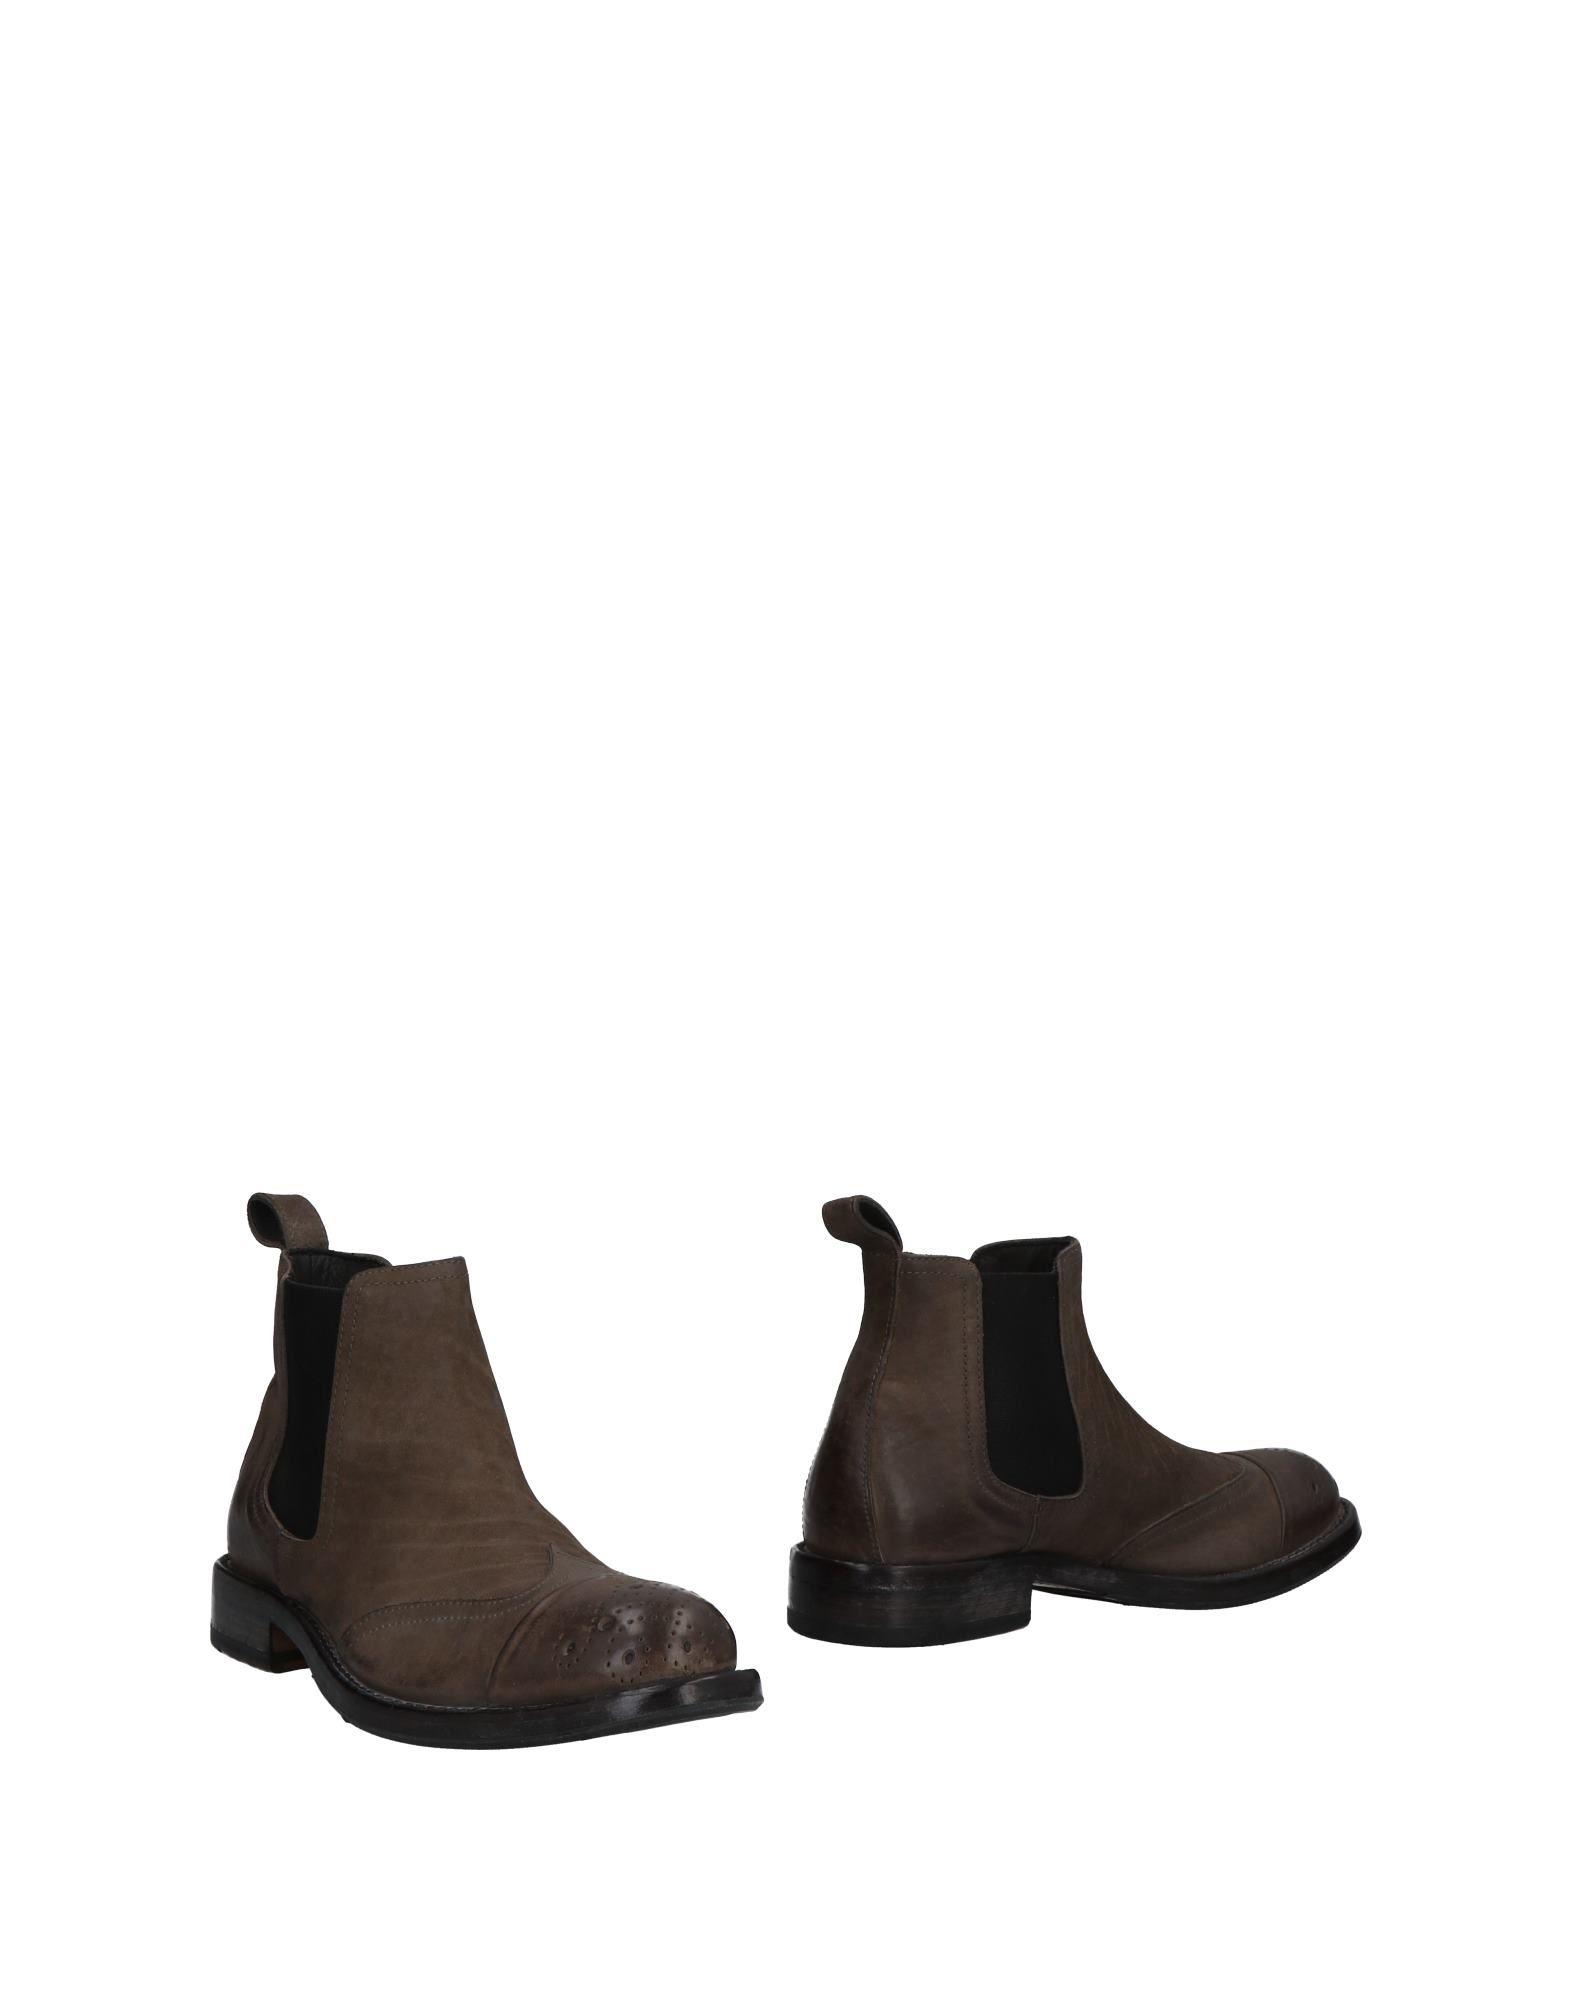 Moma Stiefelette Herren  11492145IV Gute Qualität beliebte Schuhe